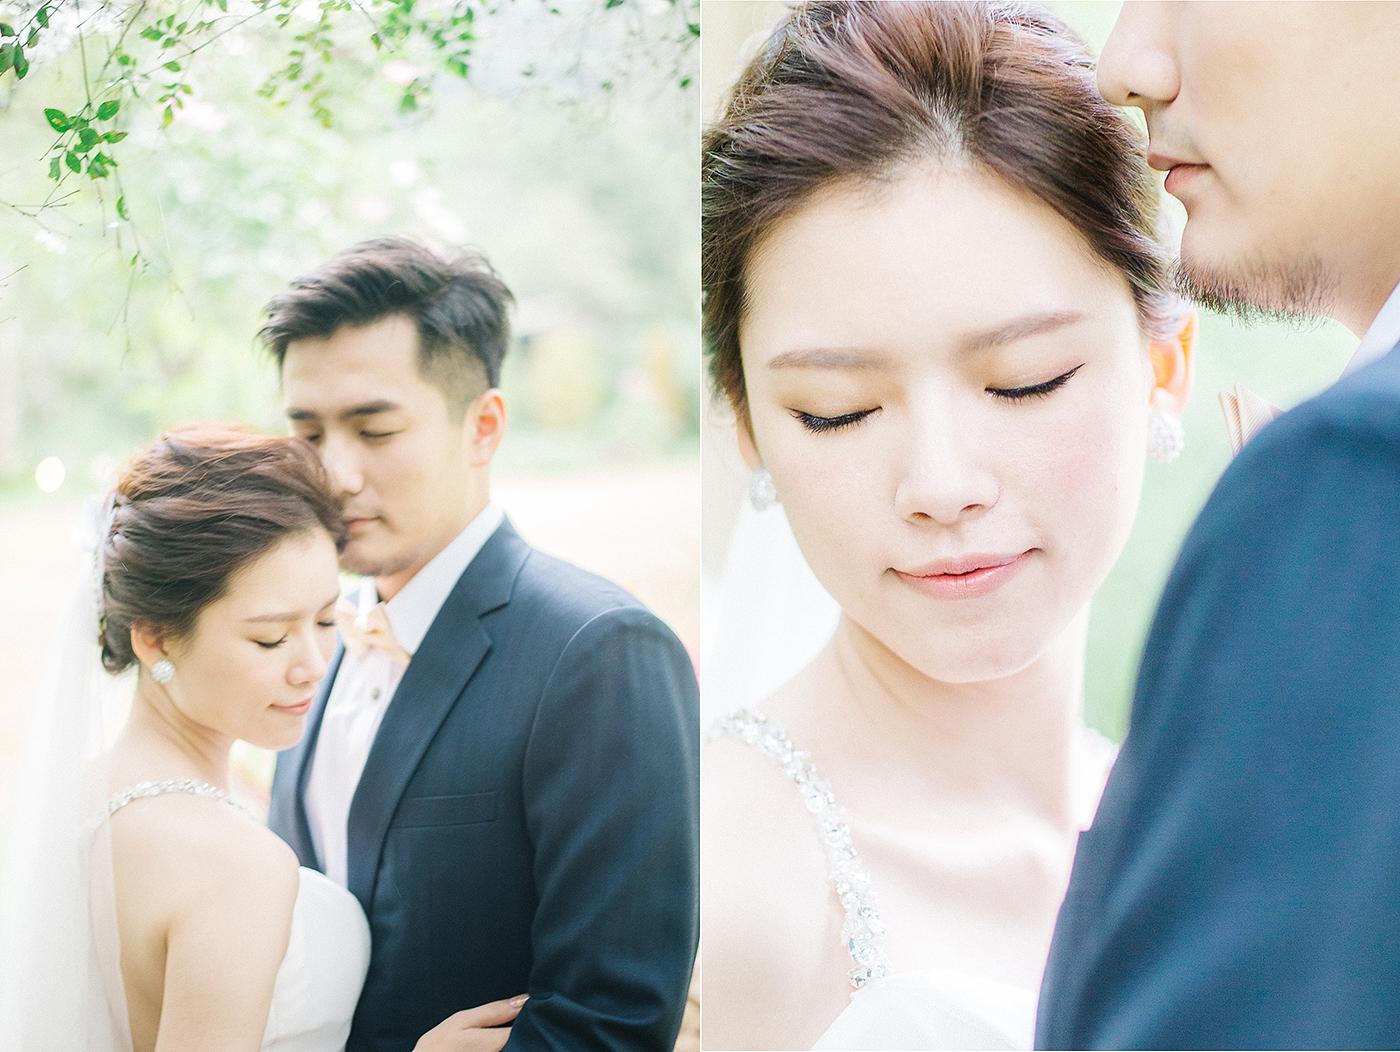 nickchang_realwedding_fineart-36